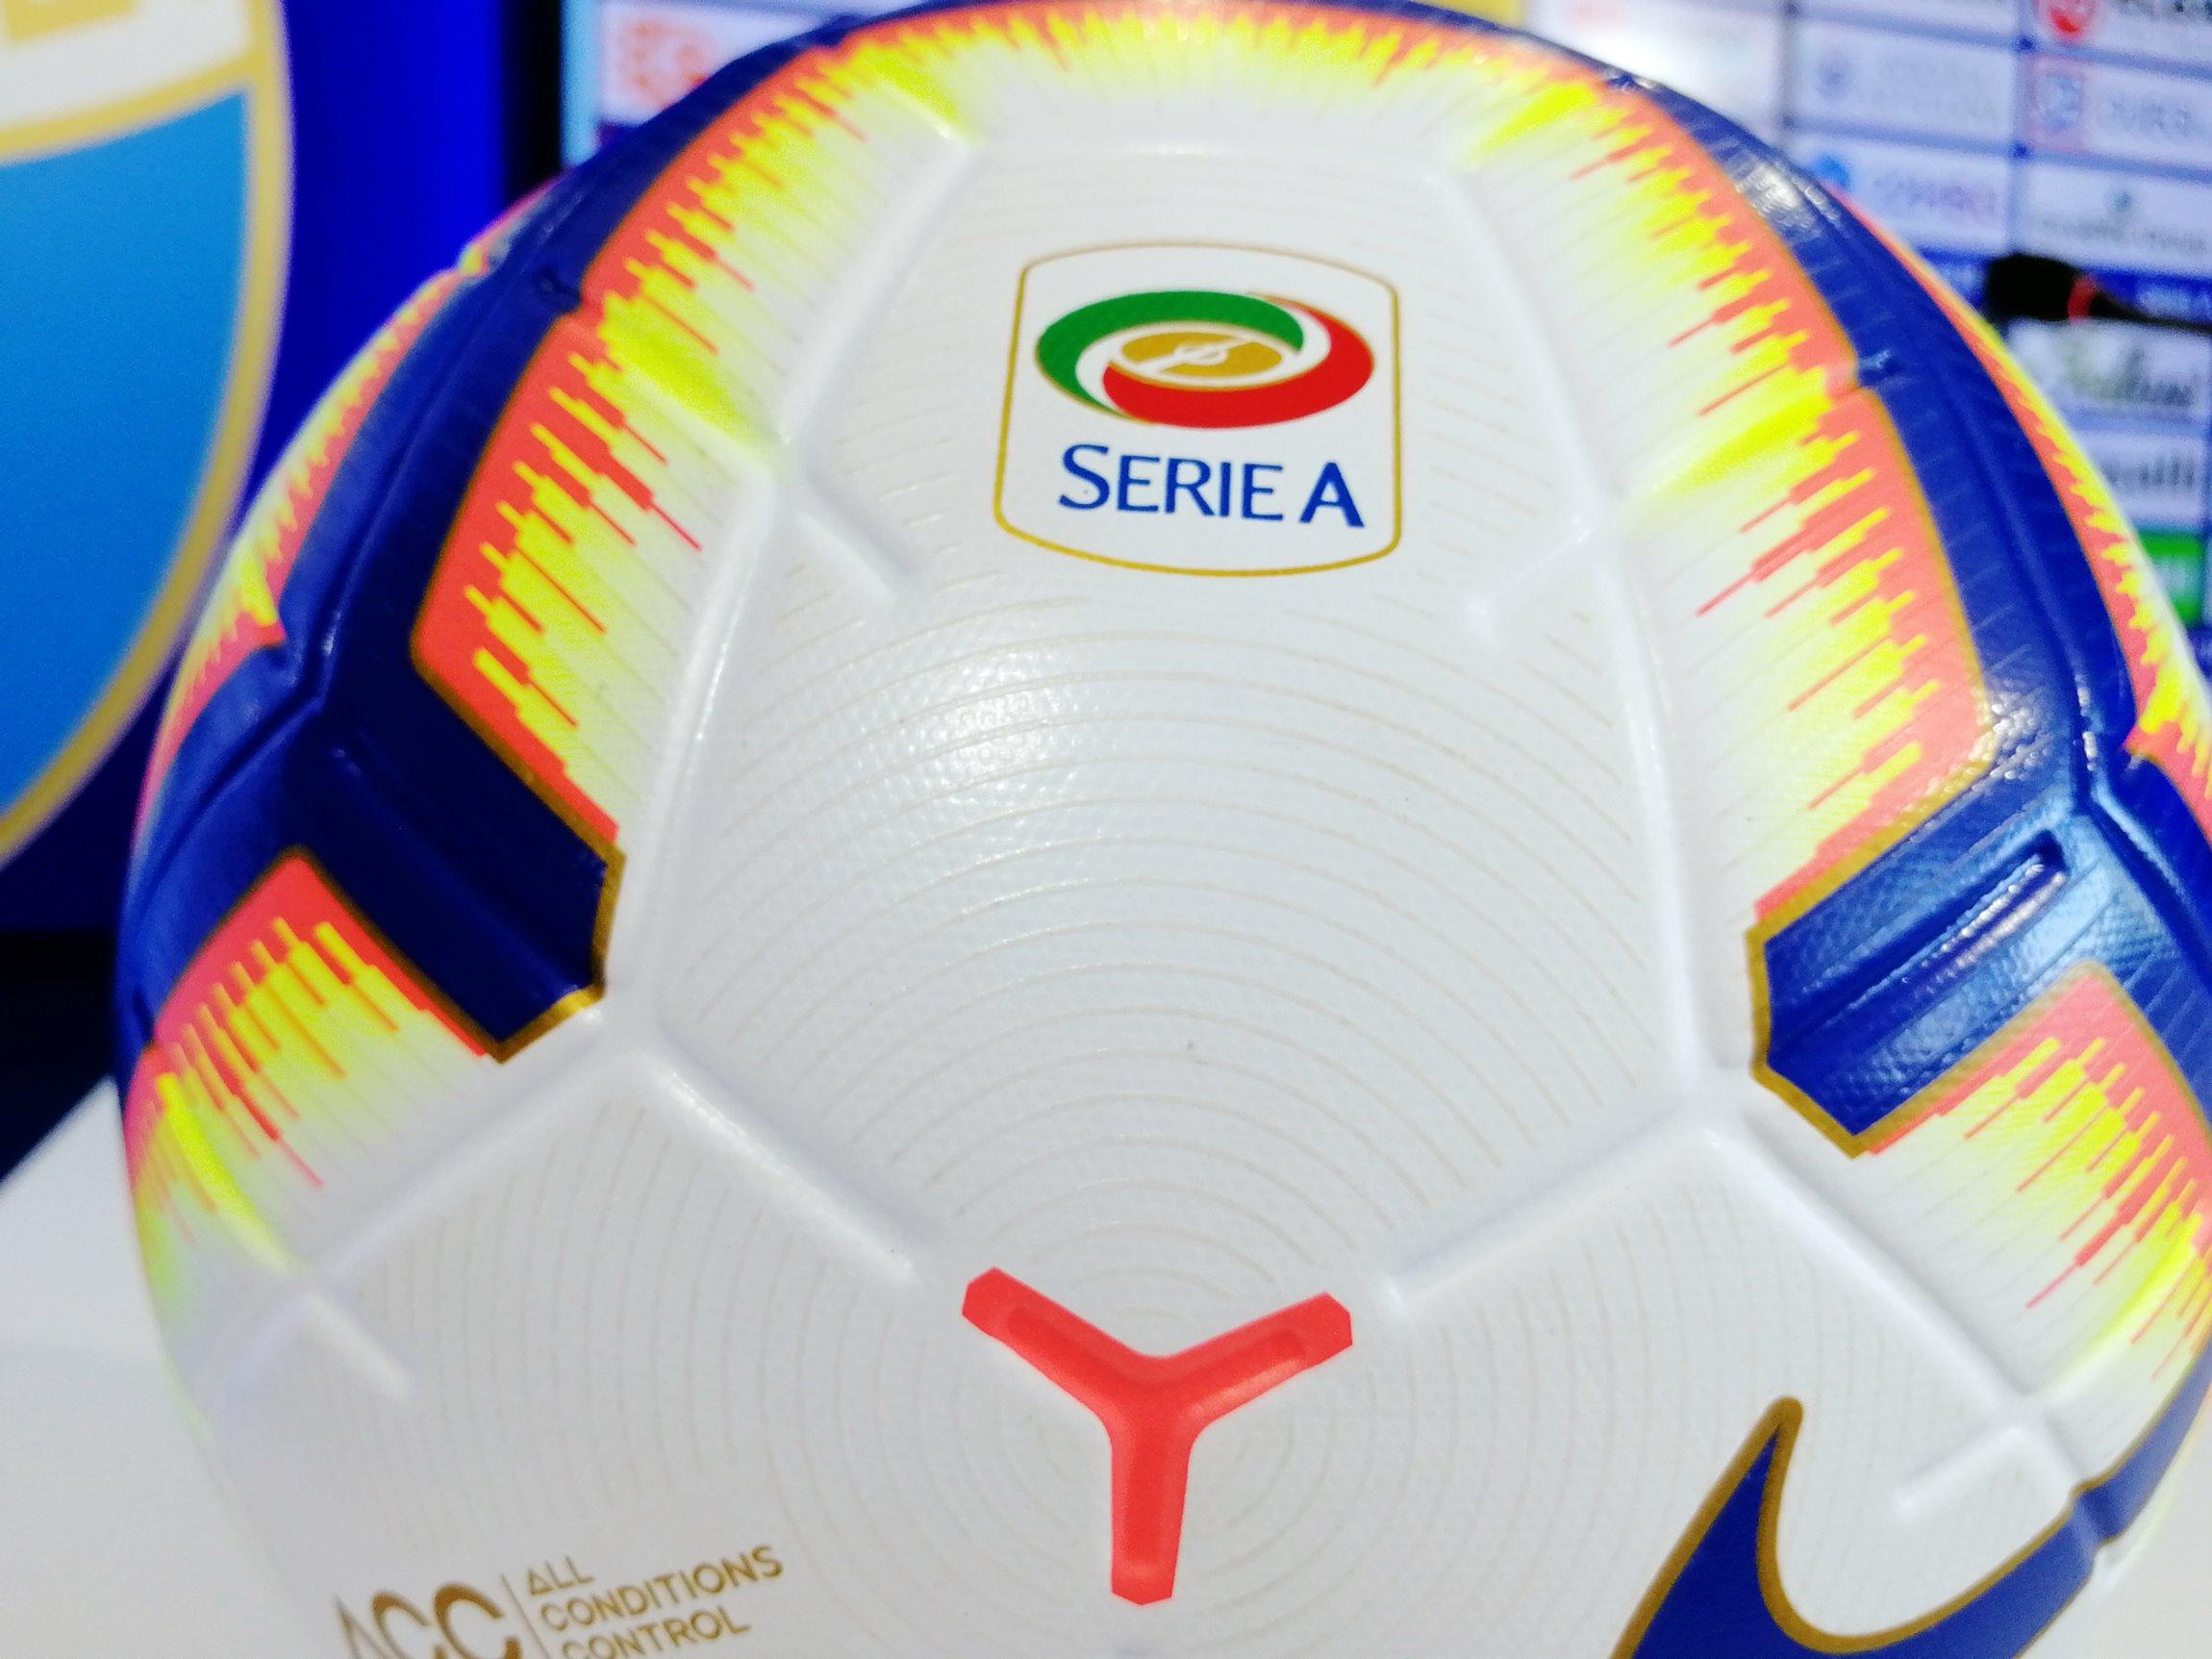 Calendario Serie B Spal.Spal Calendario